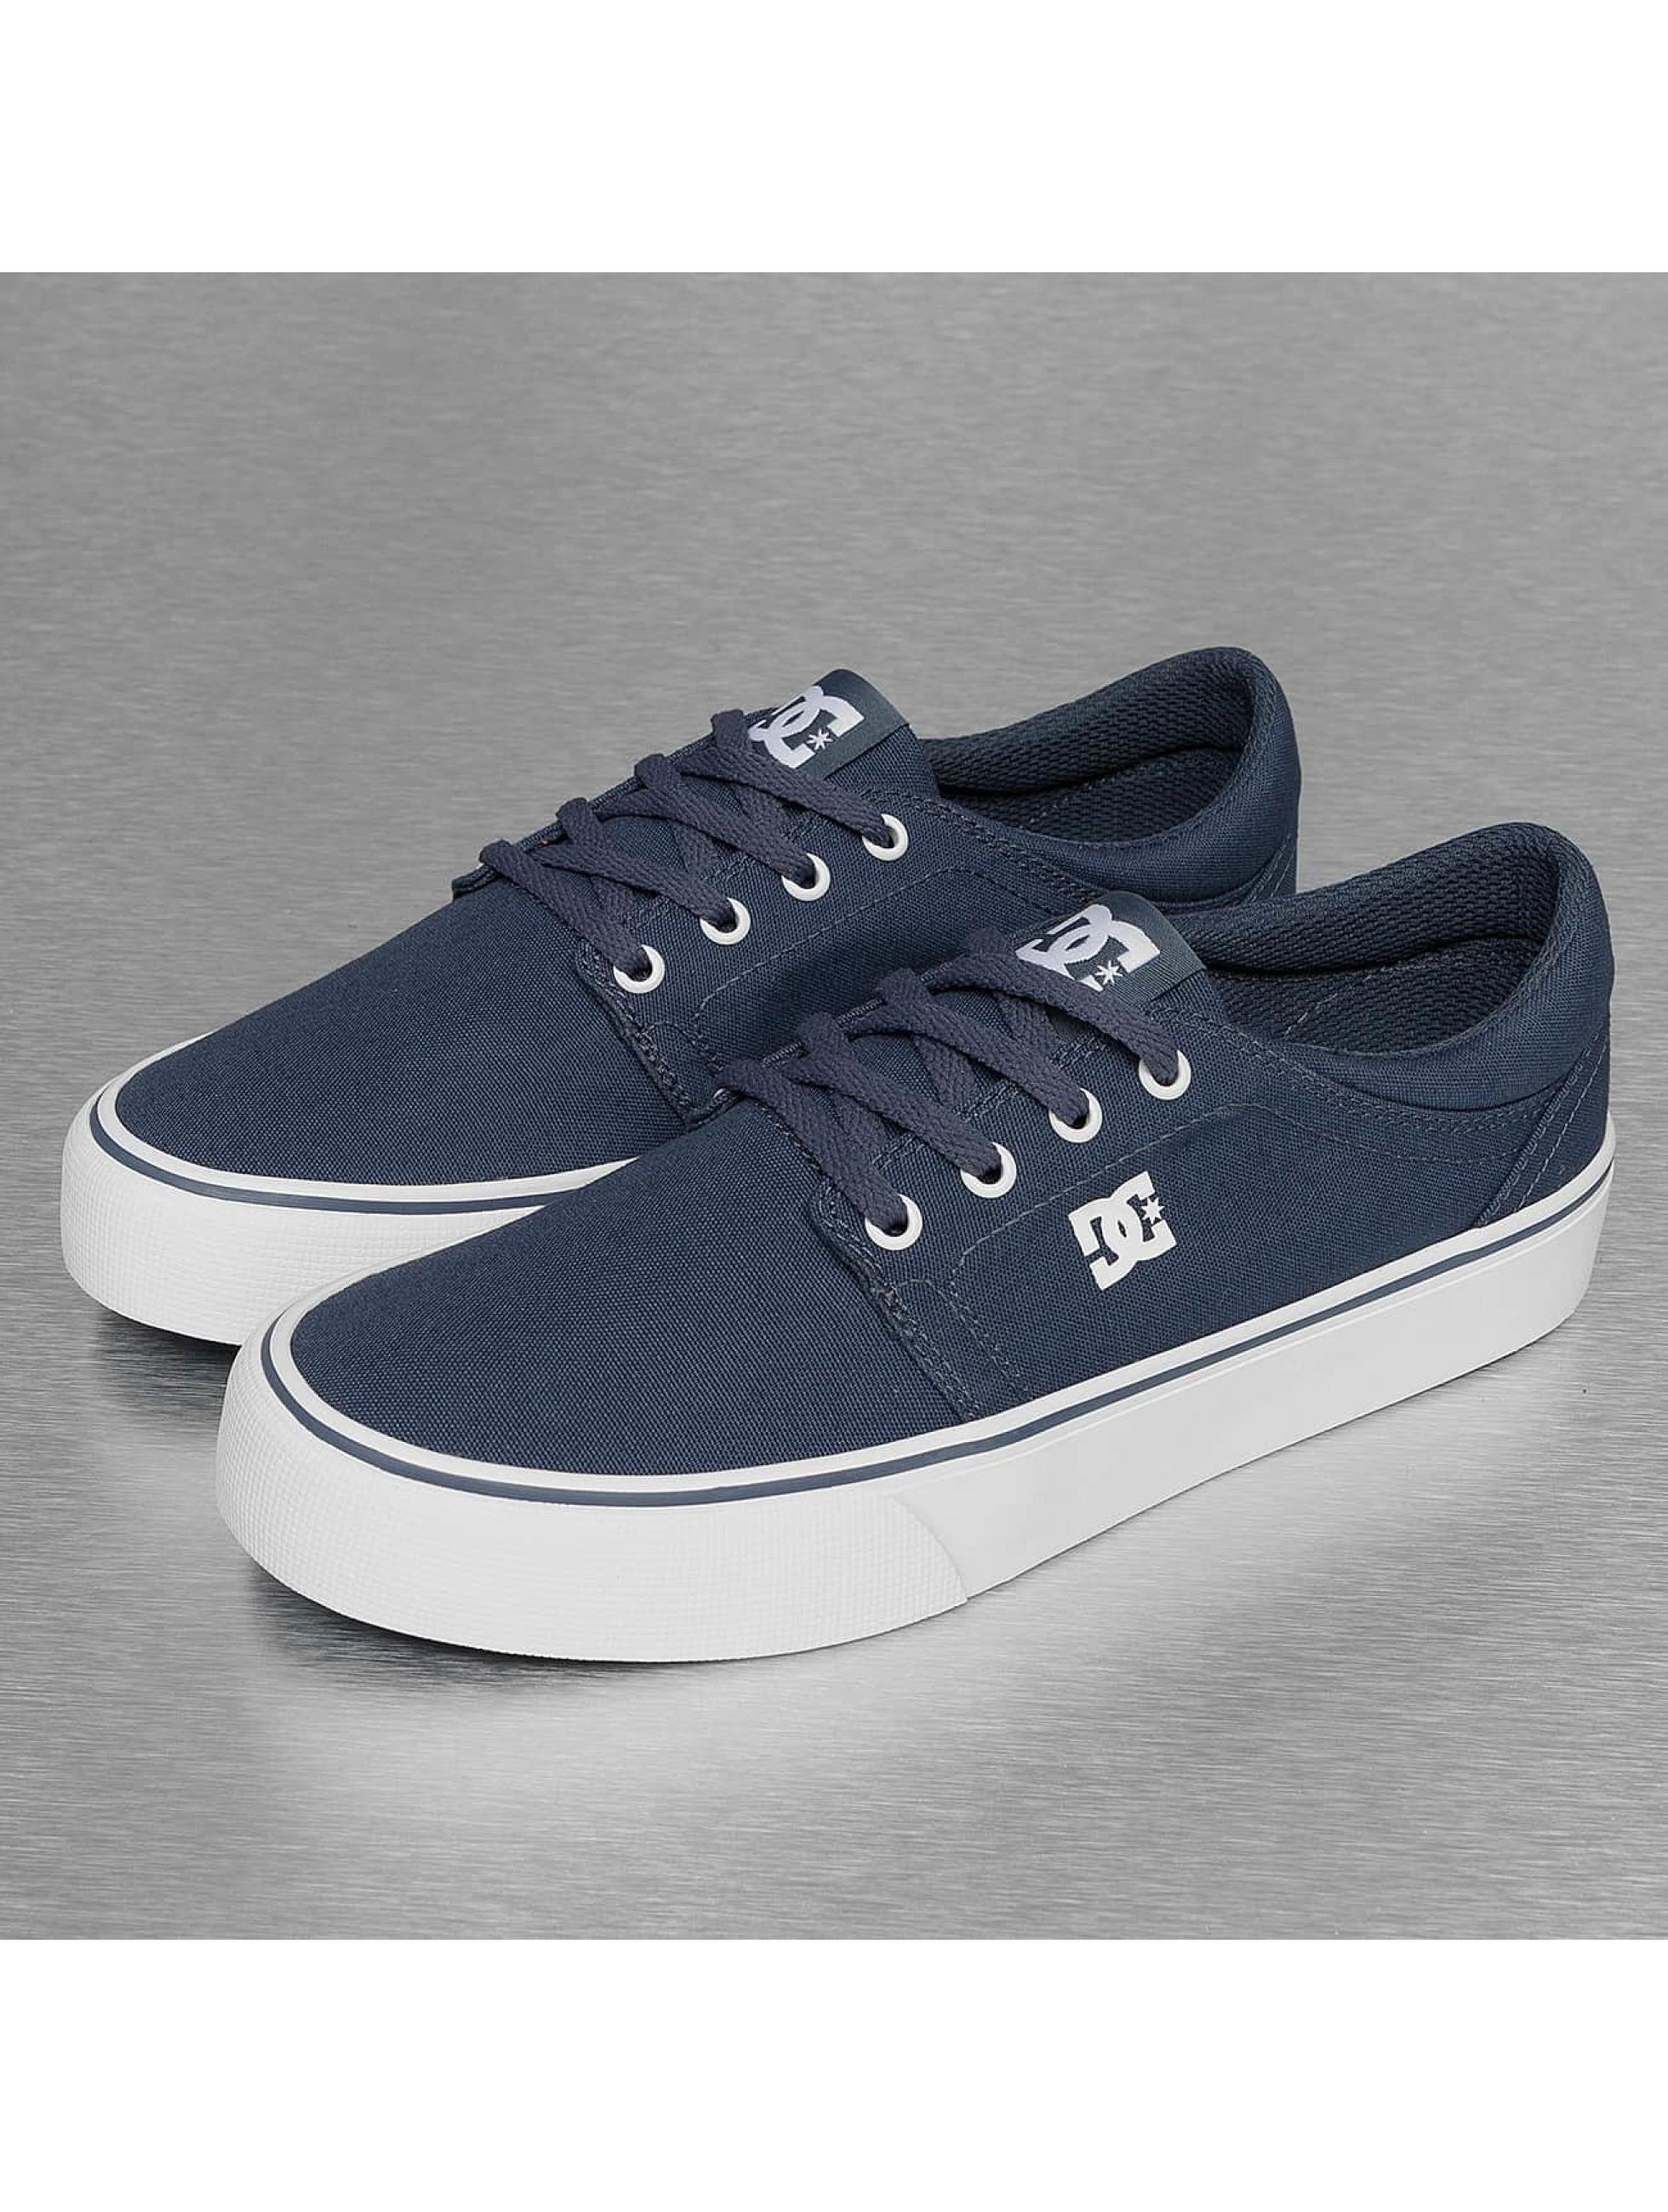 DC Trase TX Sneakers Women blue Damen